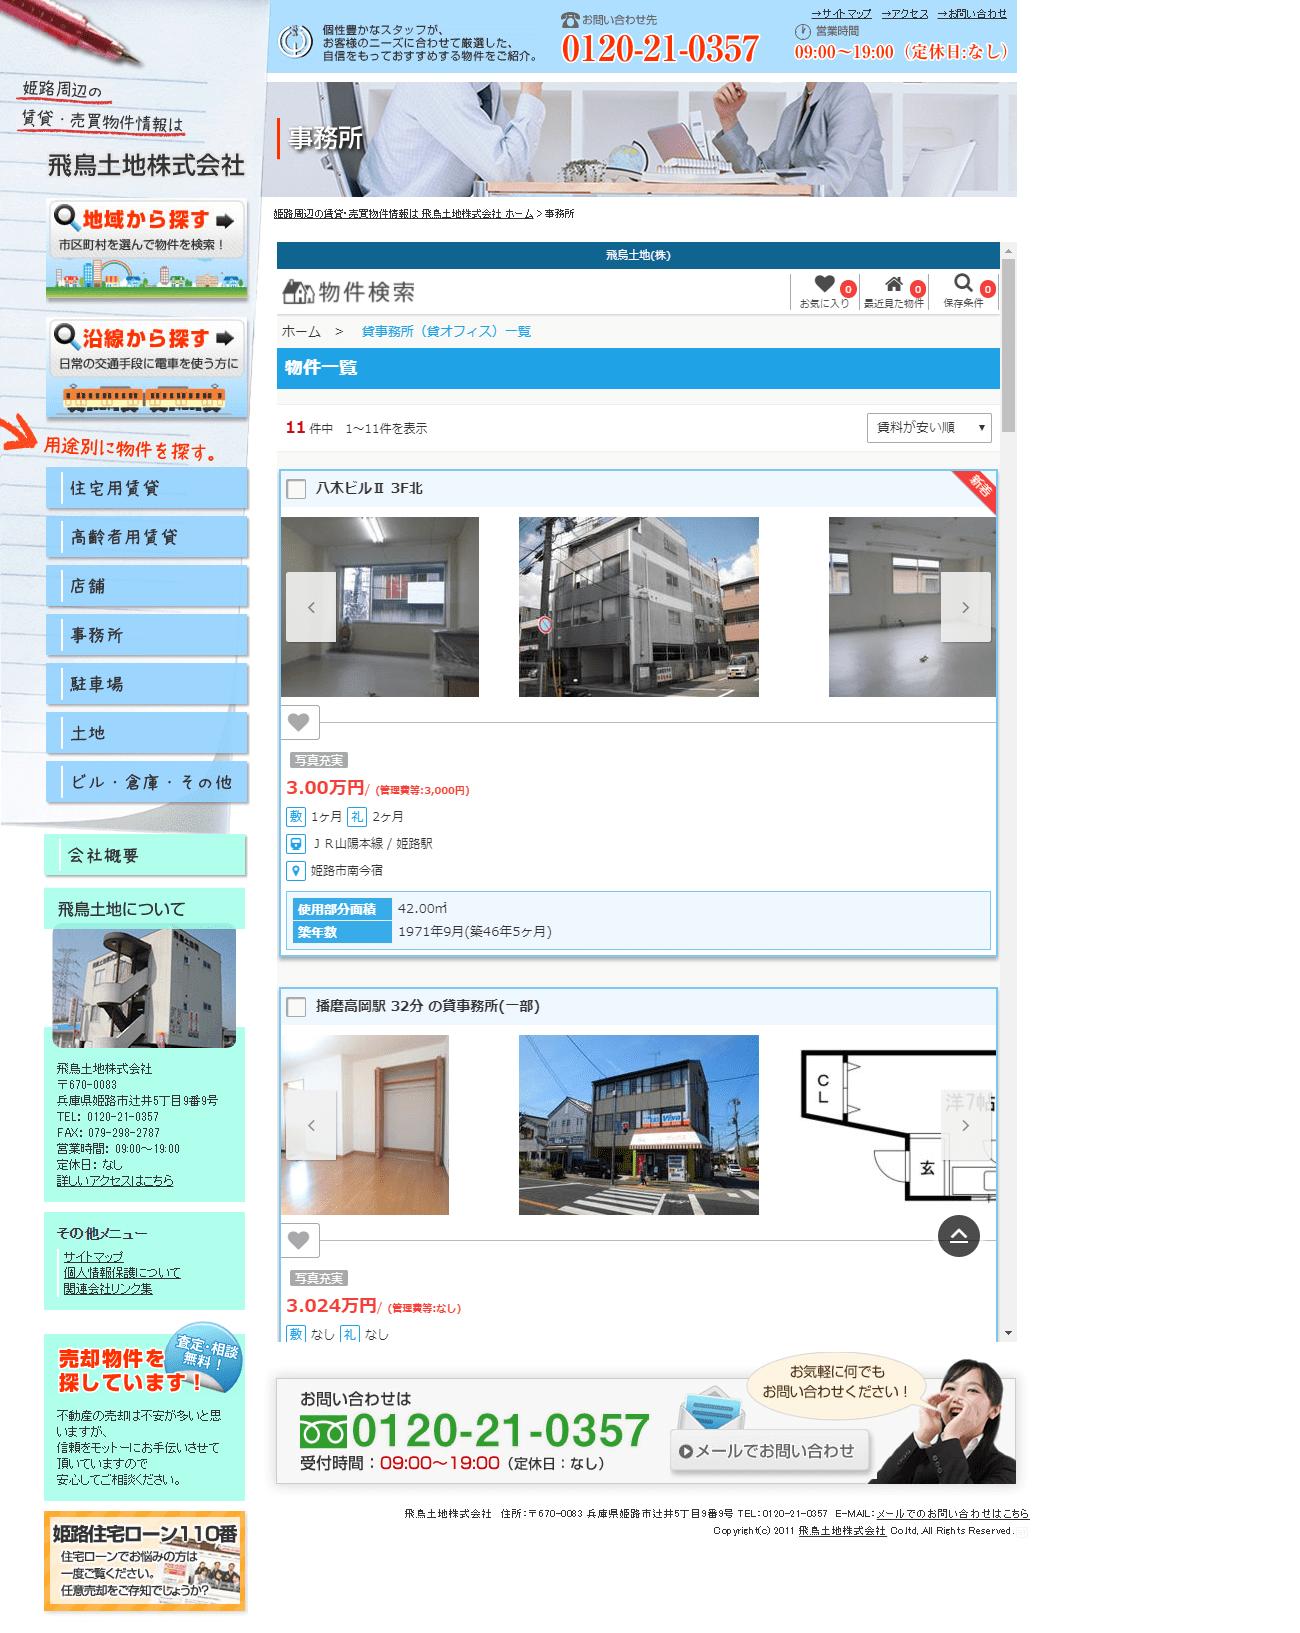 姫路市 飛鳥土地株式会社 ホームページ制作2